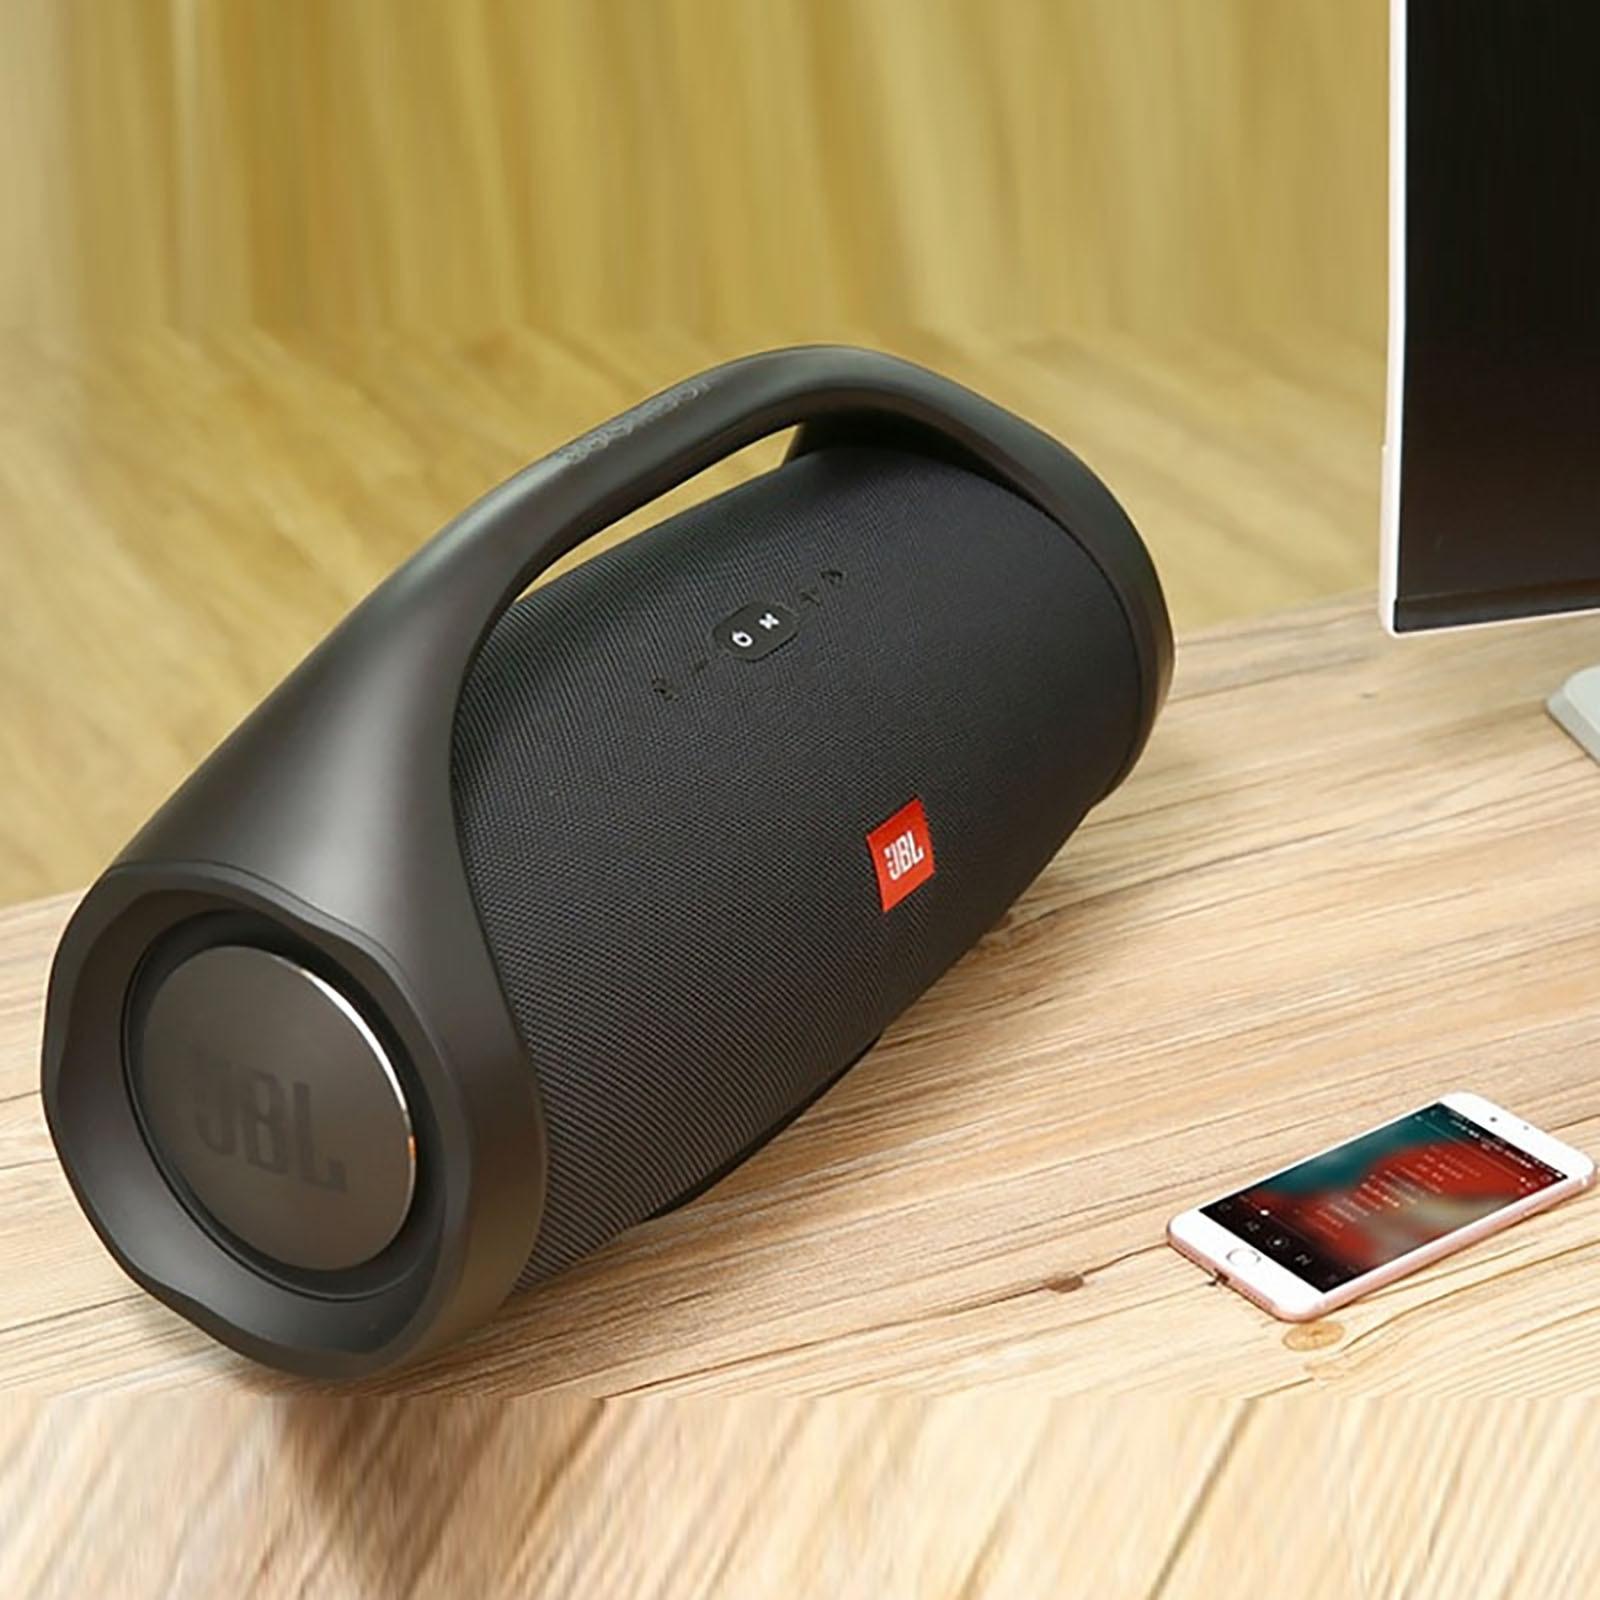 مقاوم للماء مكبر الصوت Boombox 2 ميكرفون بلوتوث محمول مضخم صوت قوي عالية في الهواء الطلق باس المحمولة